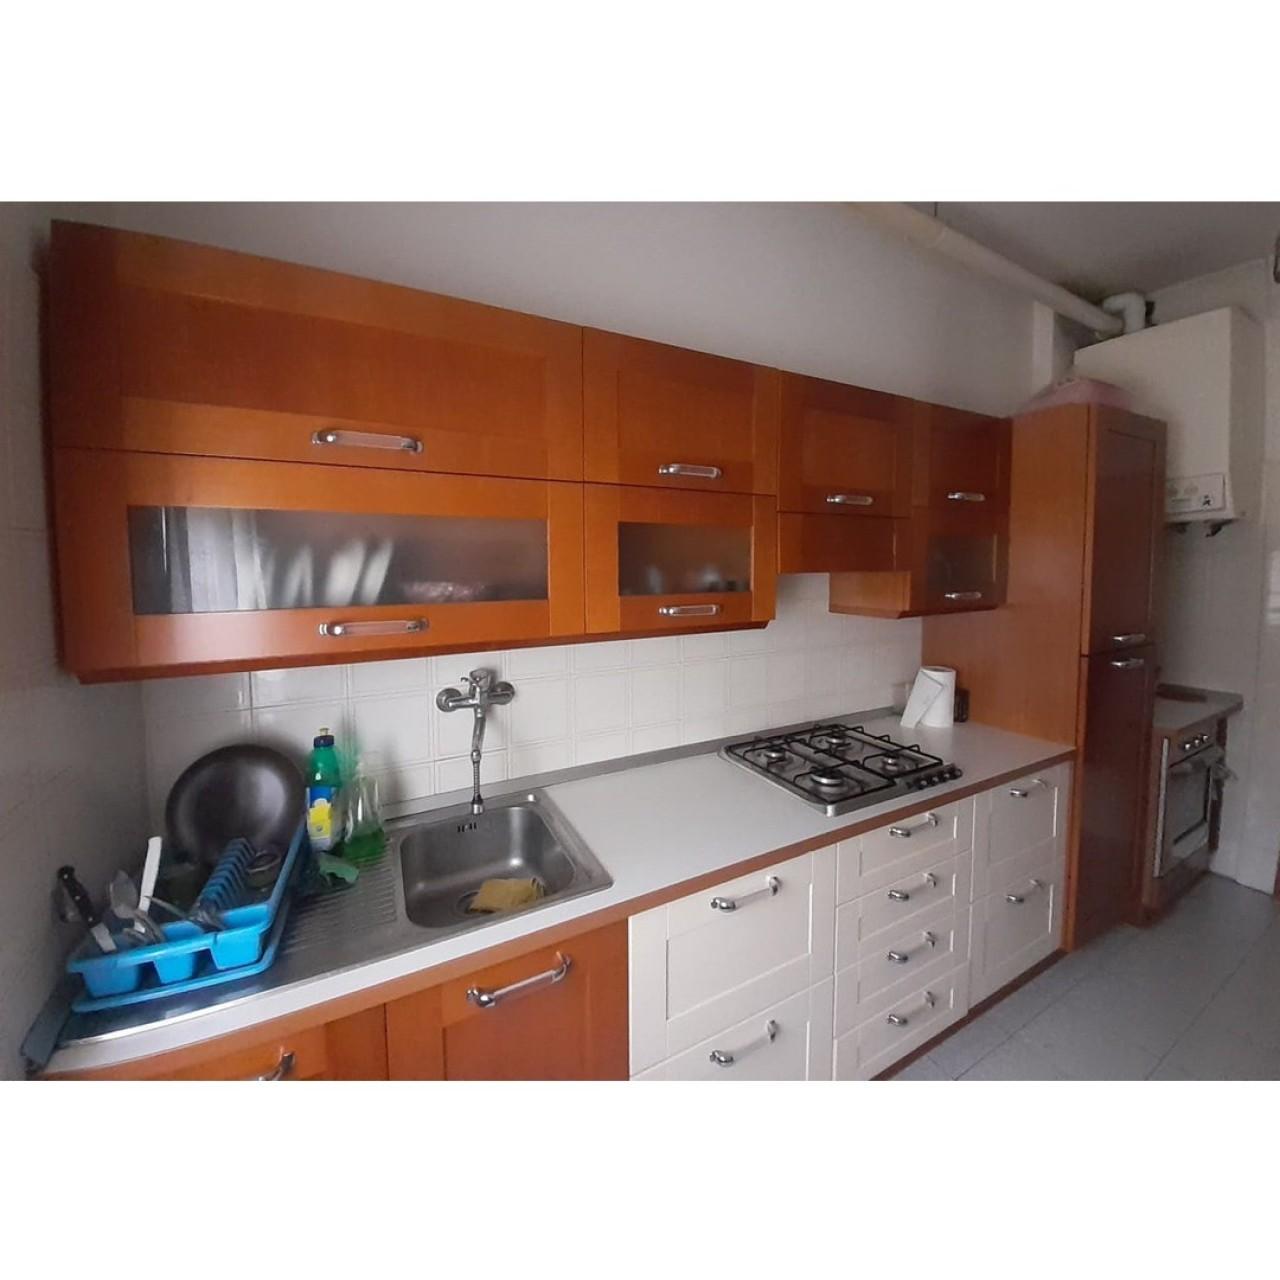 Appartamento in affitto a Parma (PR)